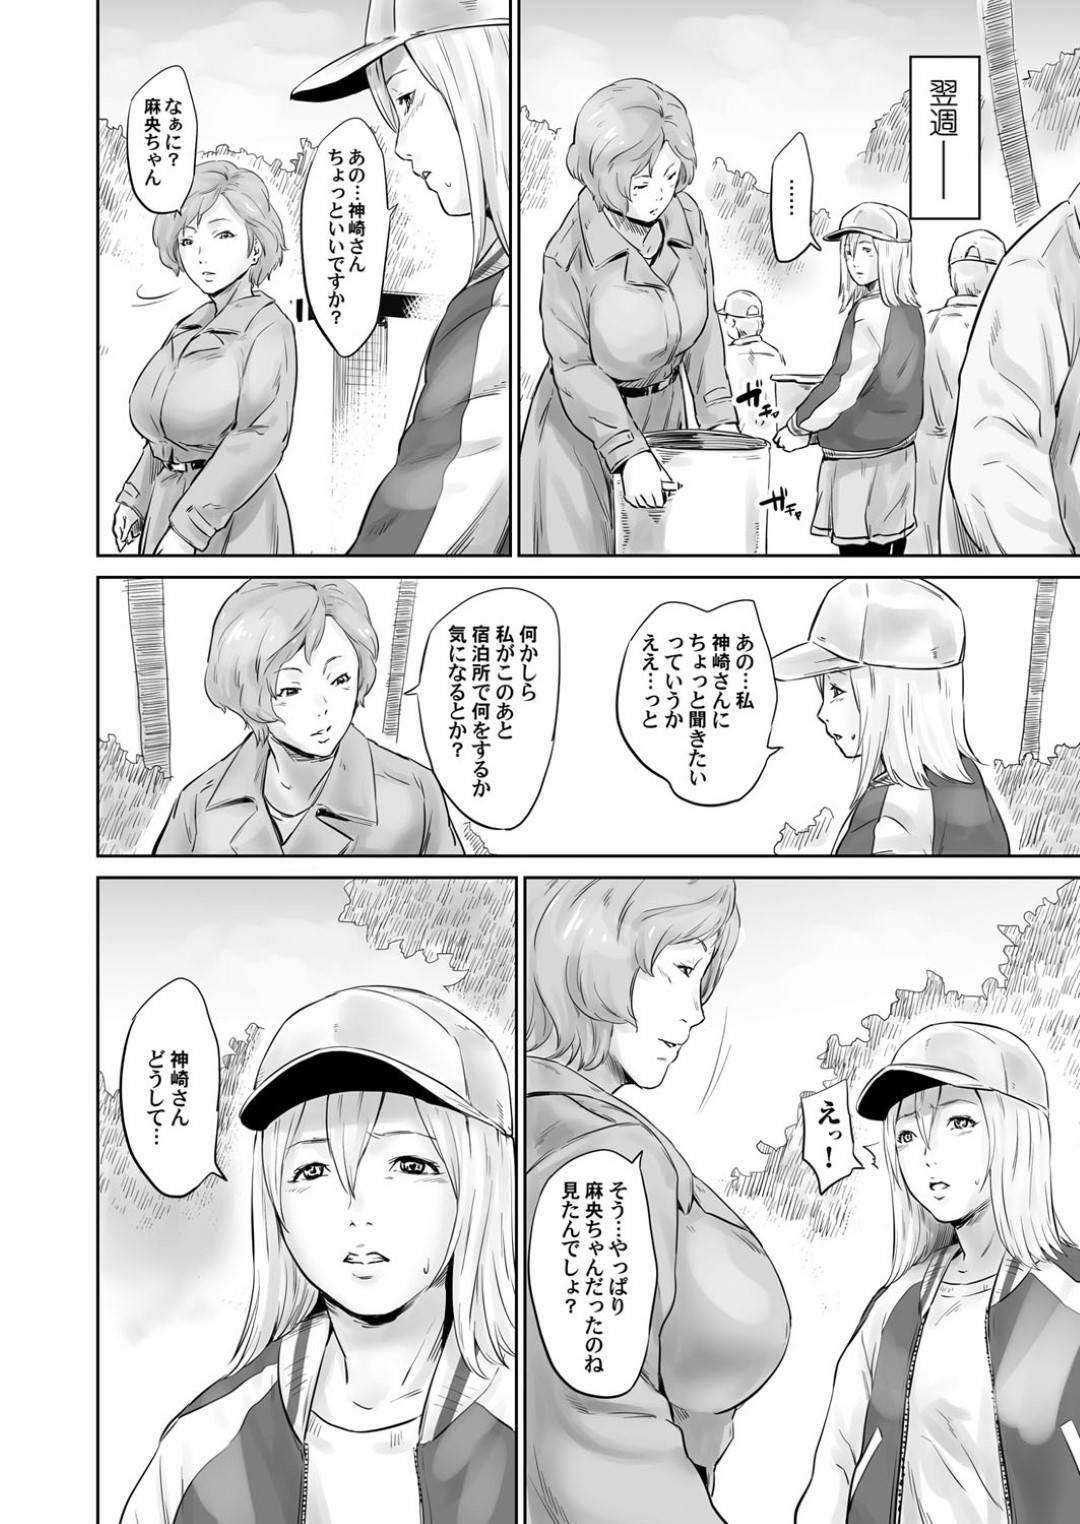 【エロ漫画】炊き出しボランティアをする貞淑なお姉さんは宿泊所でおじさんたちに性的ご奉仕で乱交セックスしまくる